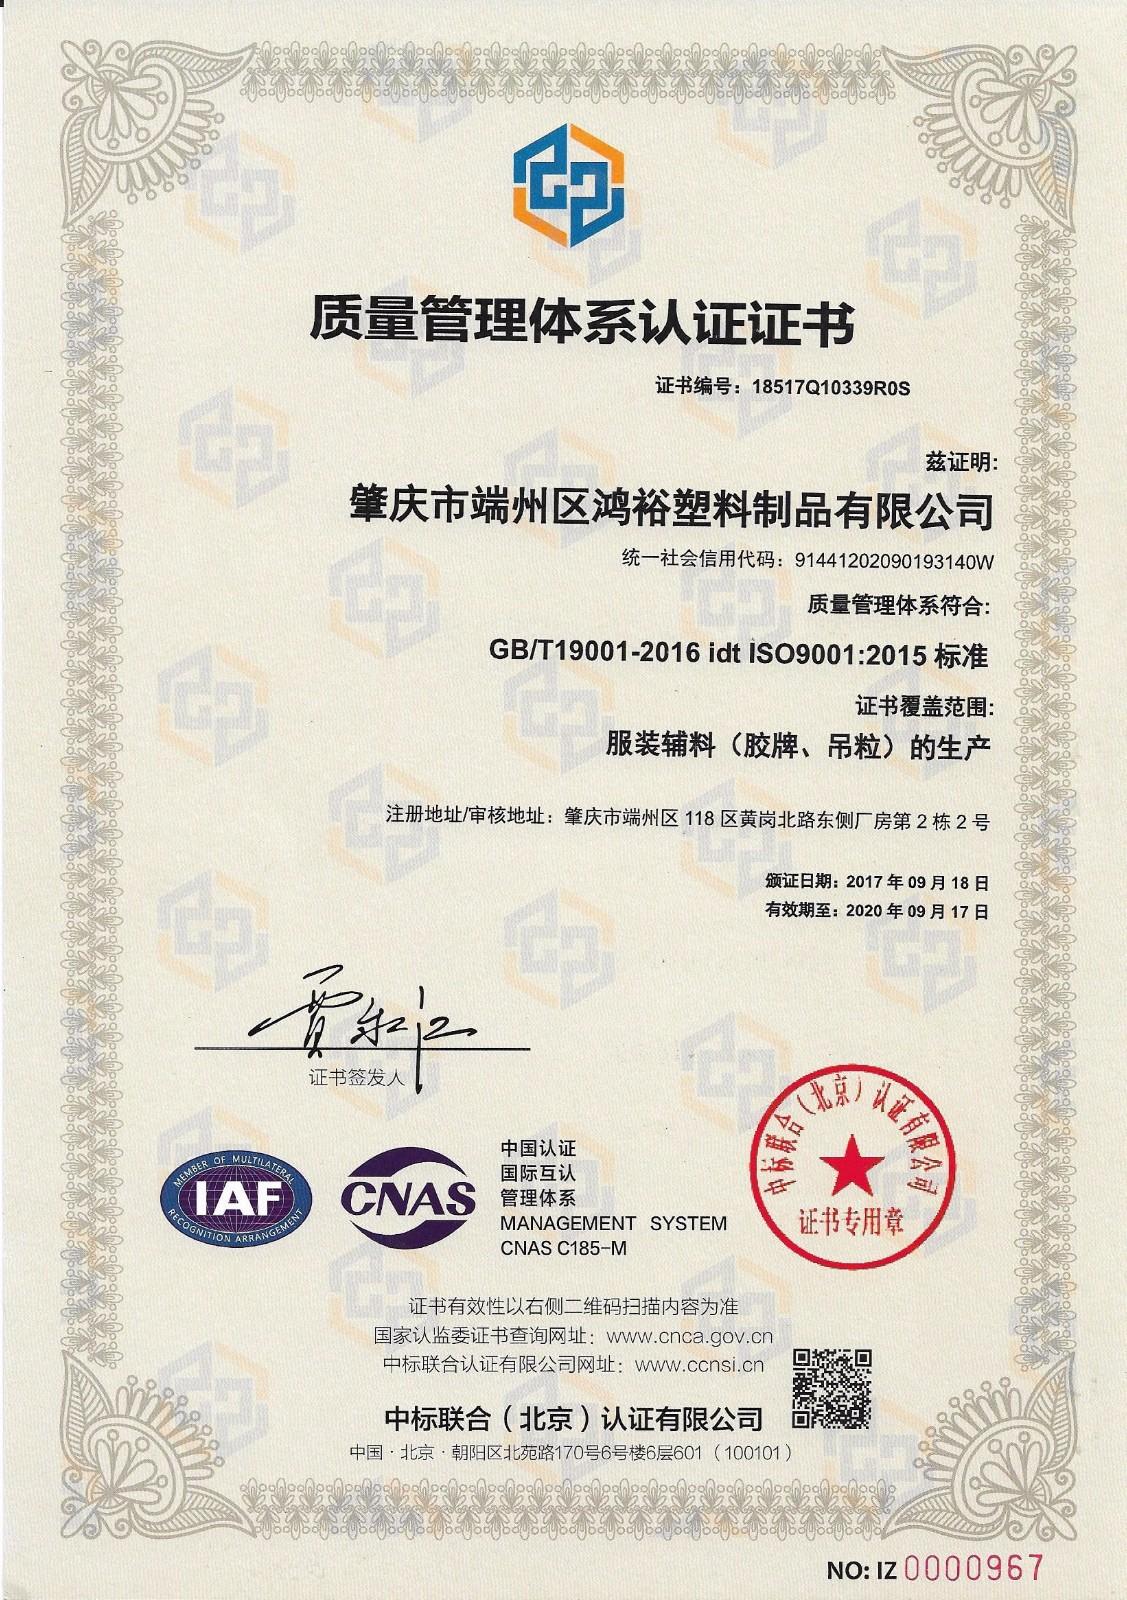 質量管理體系認證證書_中文.jpg